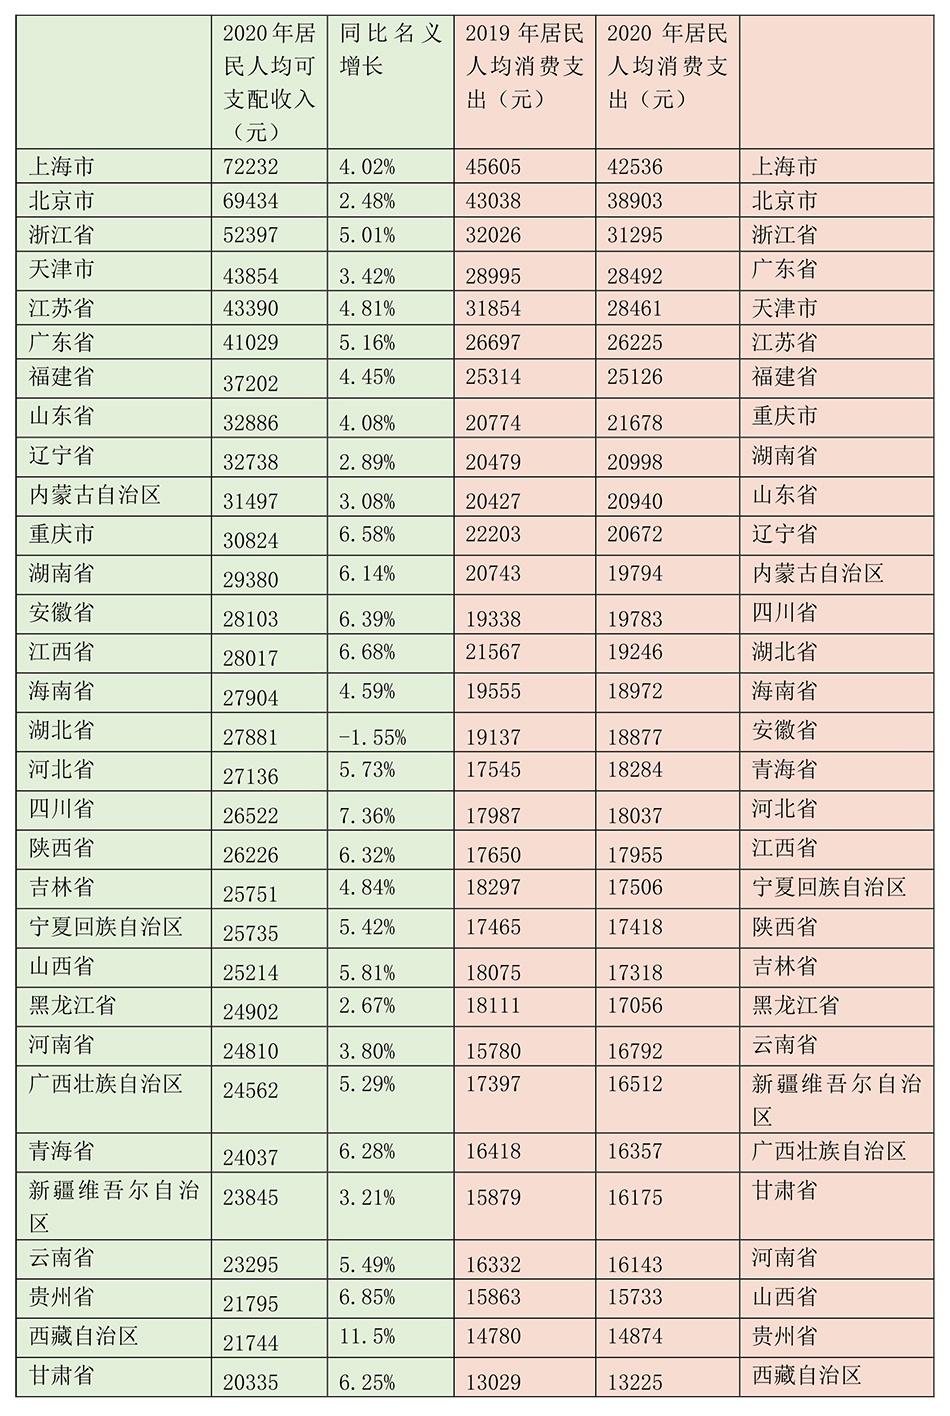 人均收入数据_全国人均收入数据图